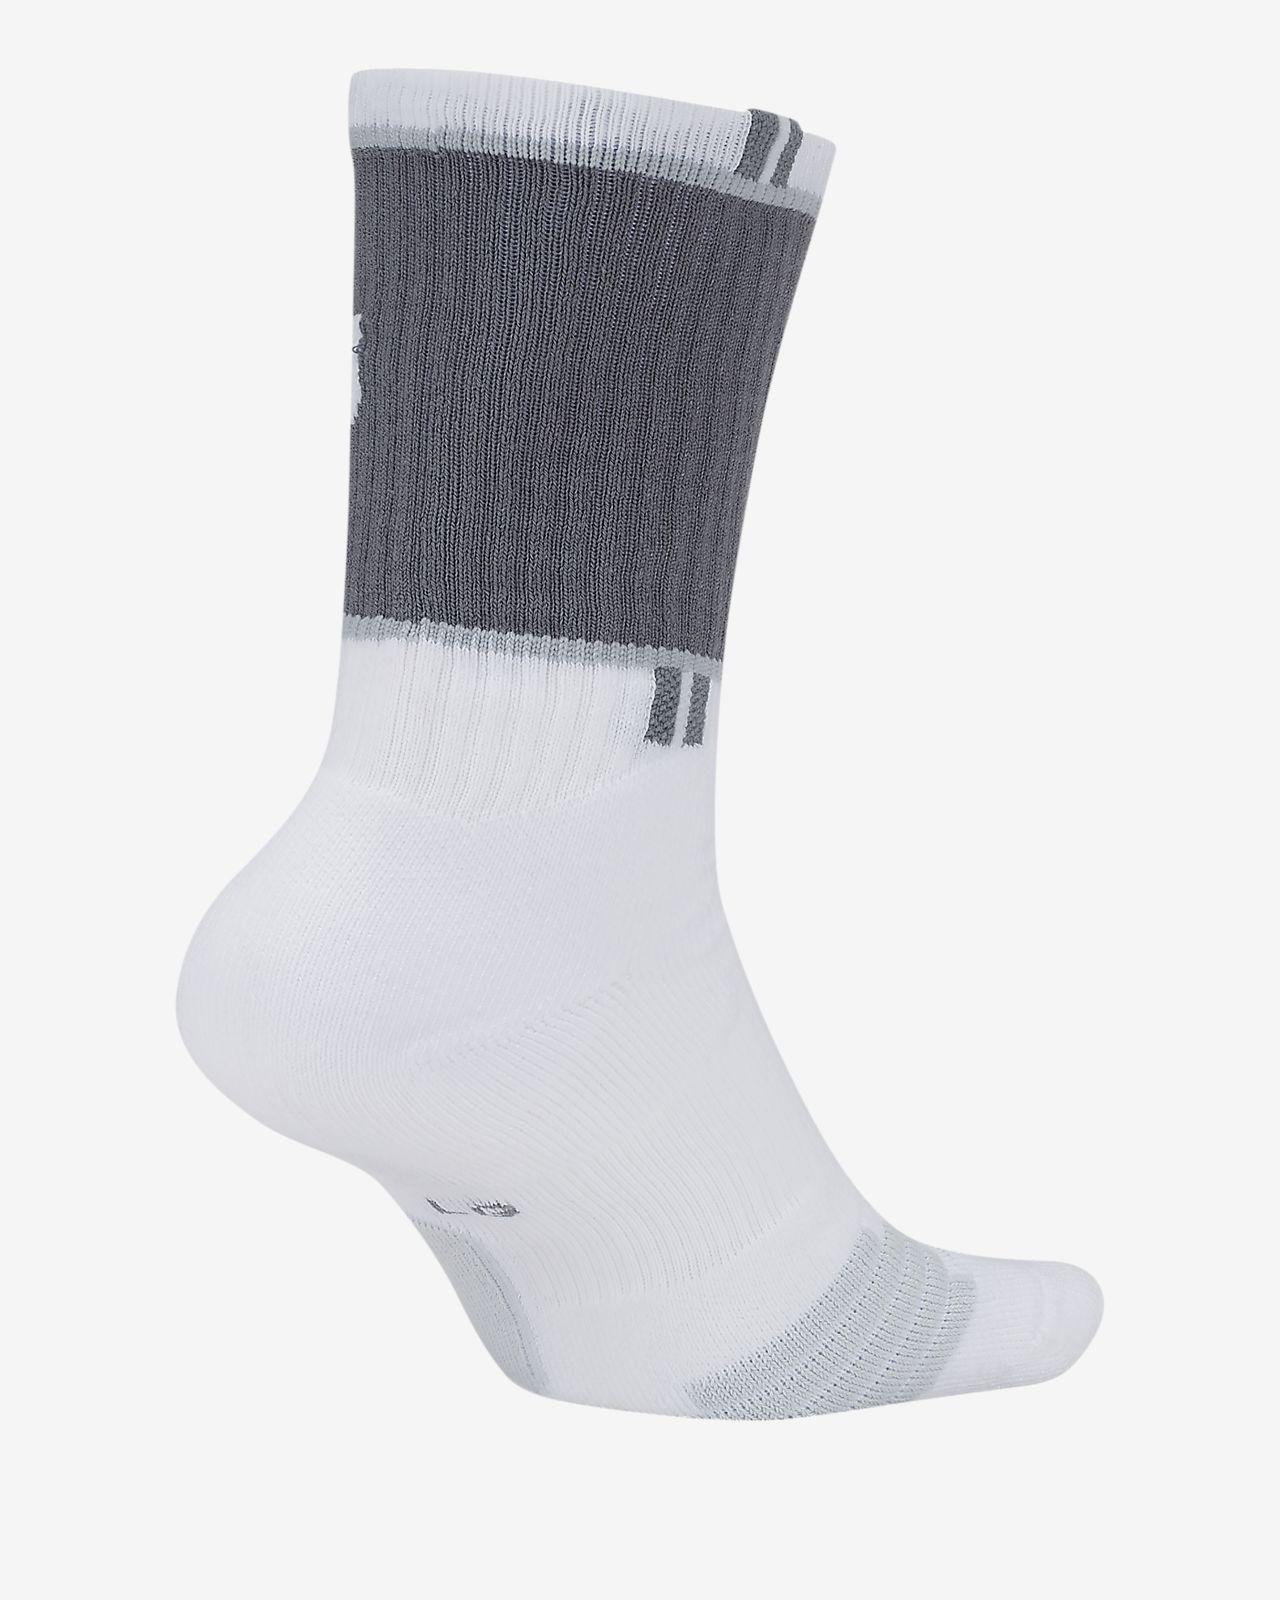 ถุงเท้าบาสเก็ตบอลข้อยาว KD Elite (1 คู่)